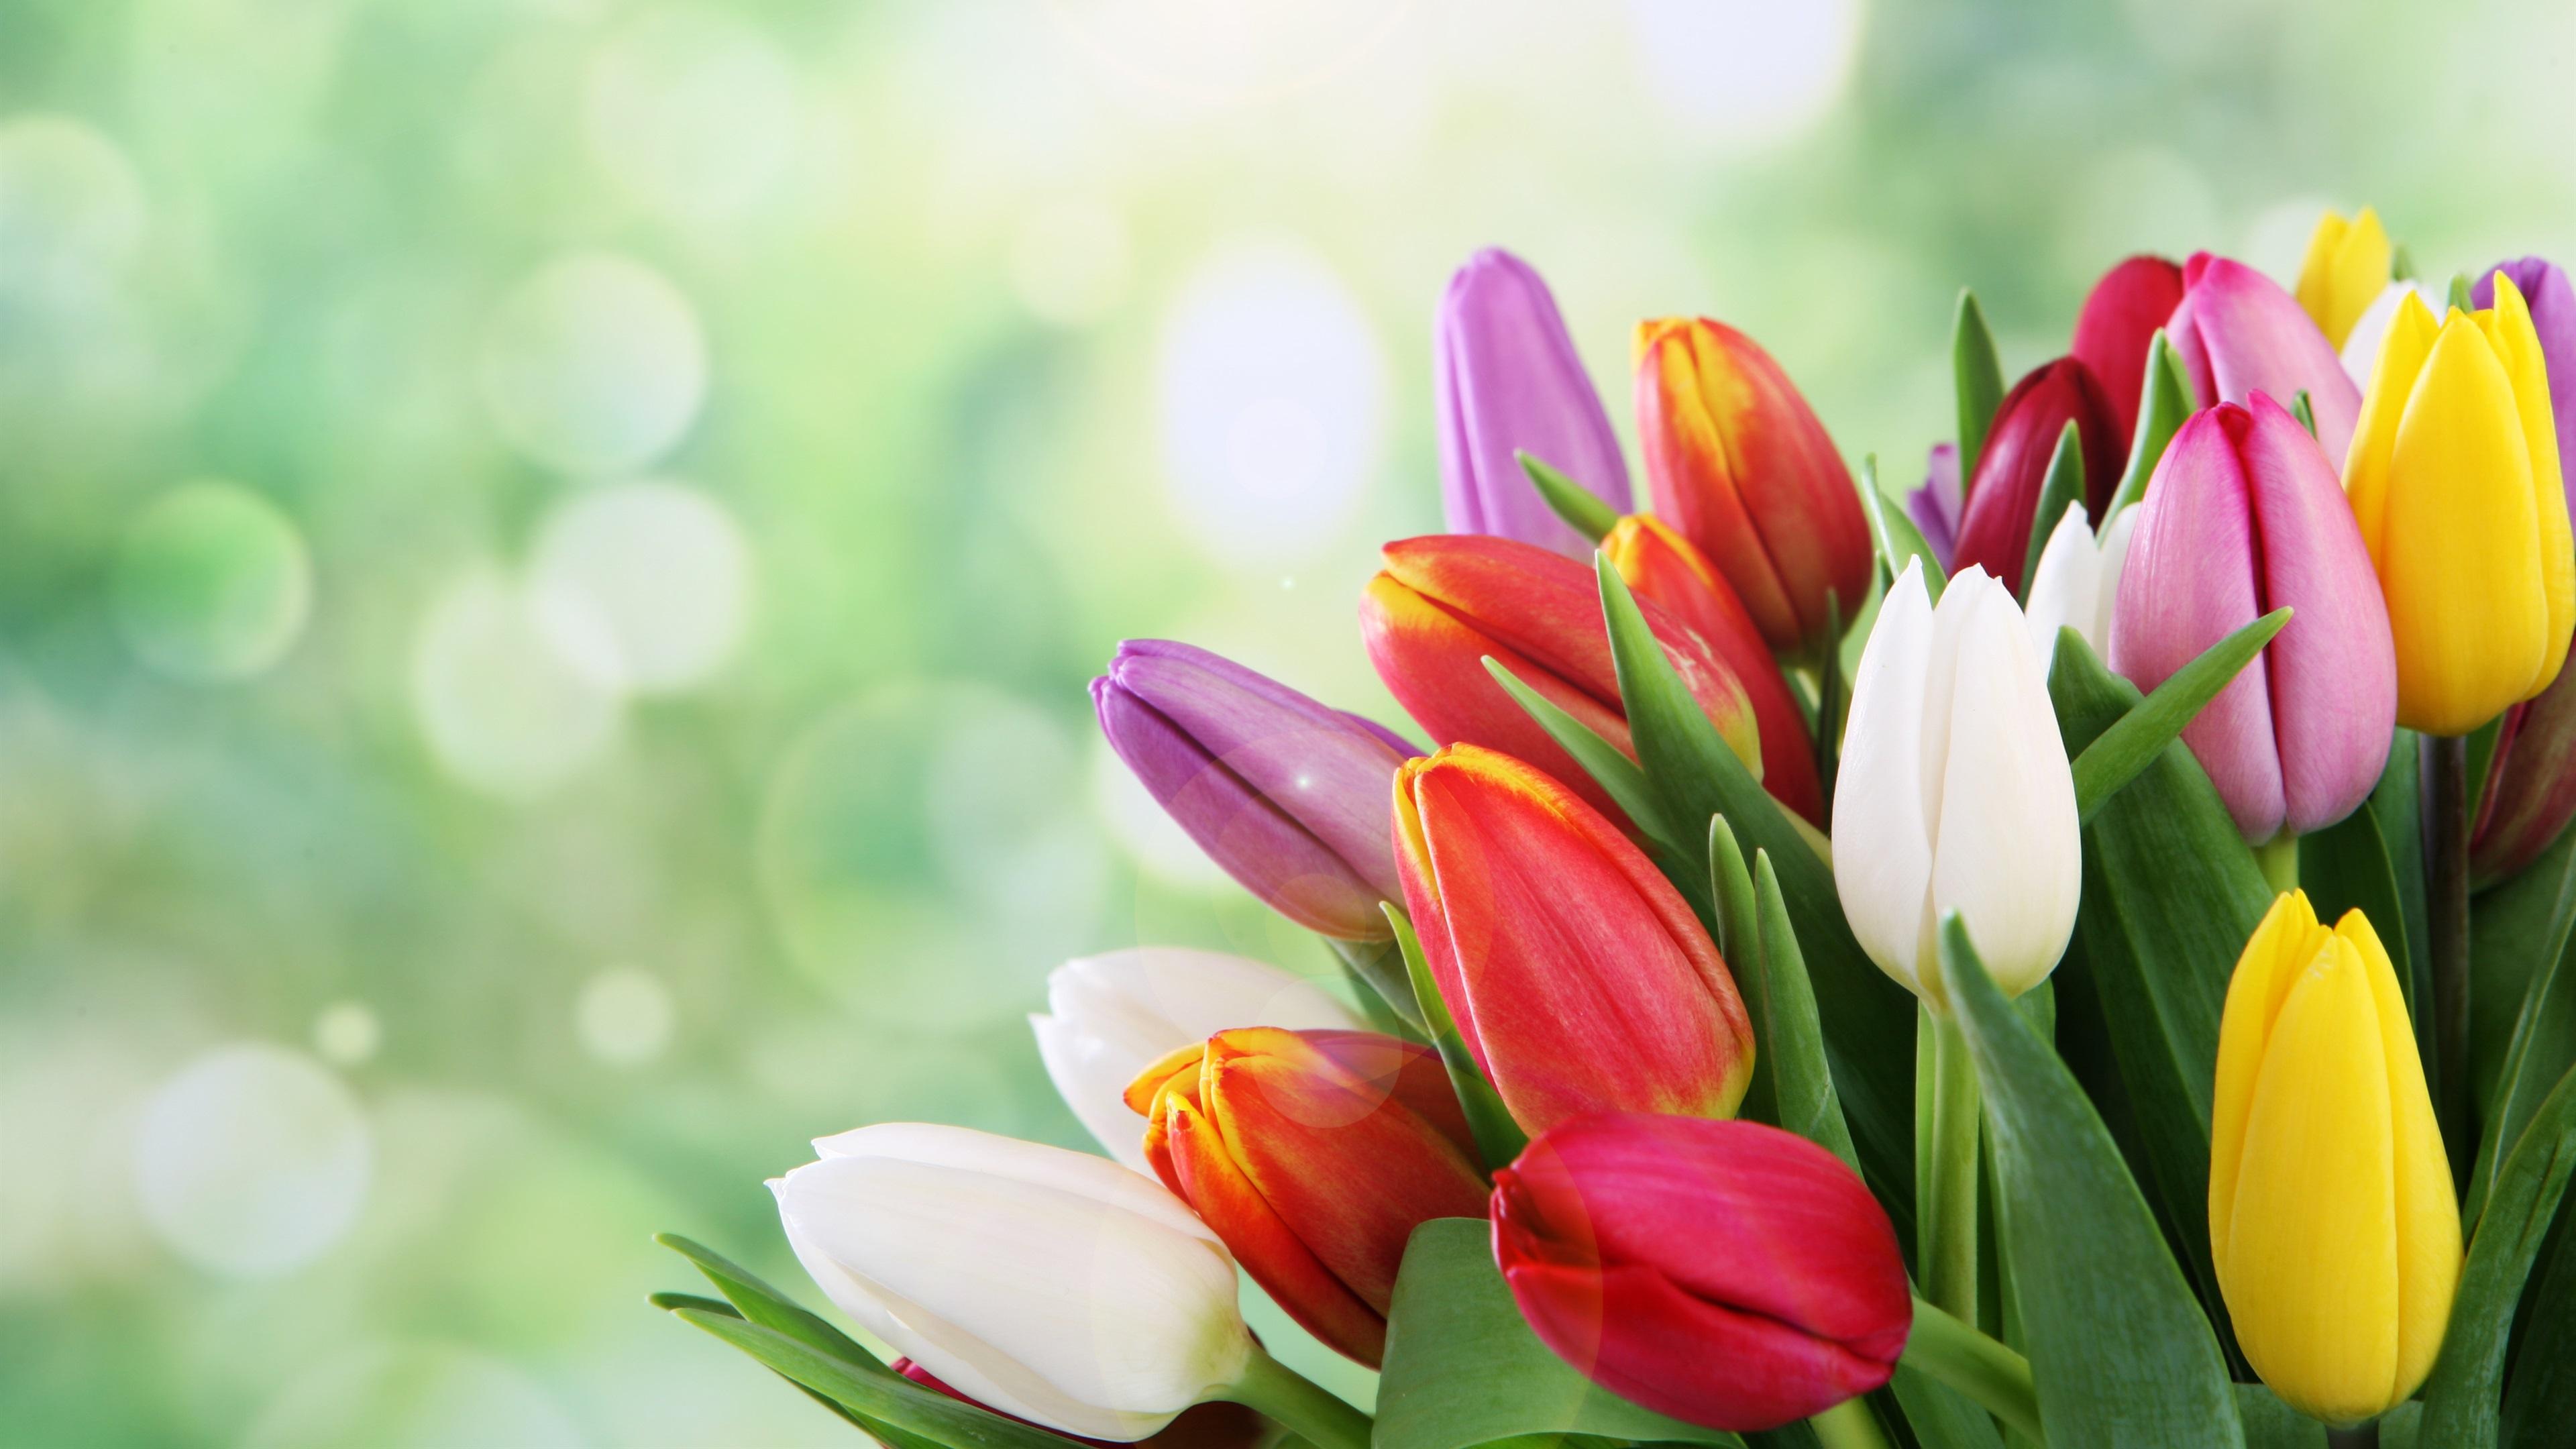 тюльпаны весна цветы скачать